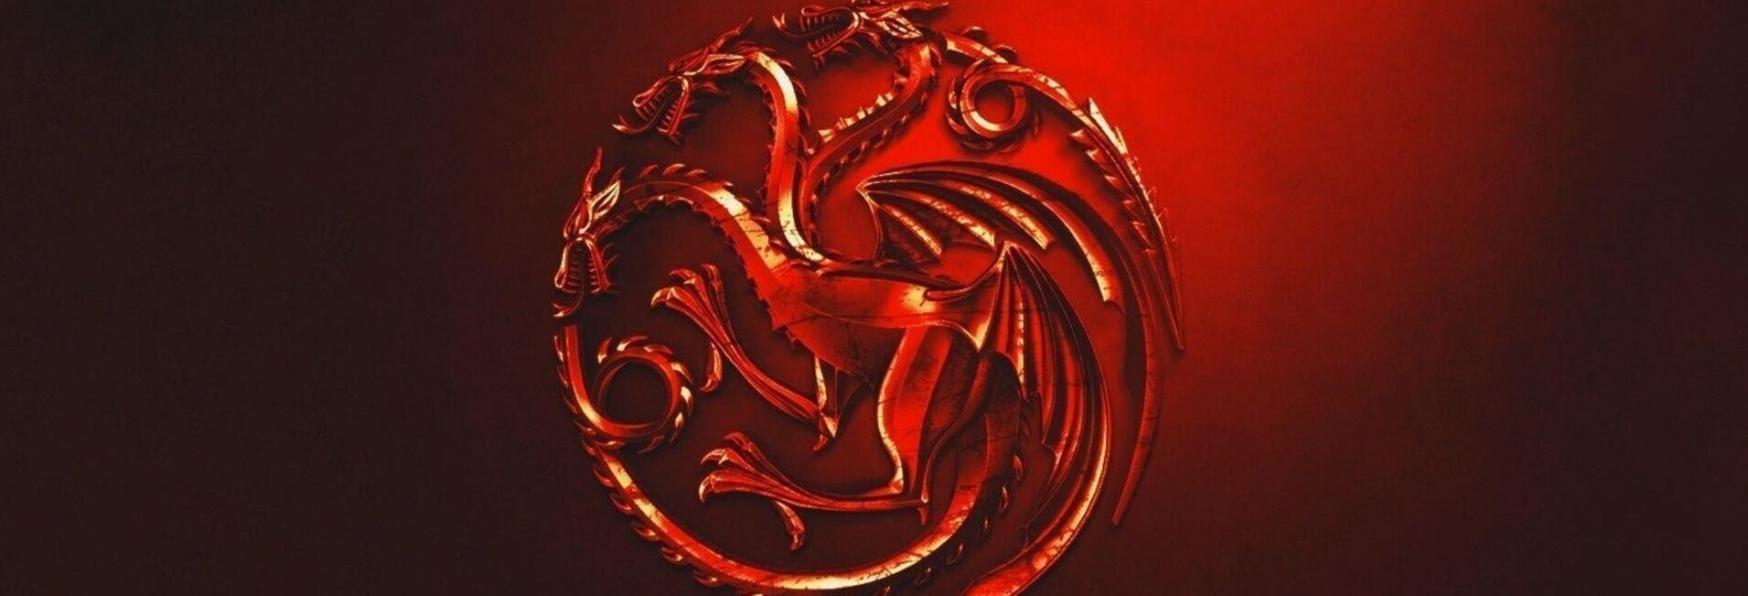 House of the Dragon: HBO svela il Periodo di Rilascio del Prequel di Game of Thrones